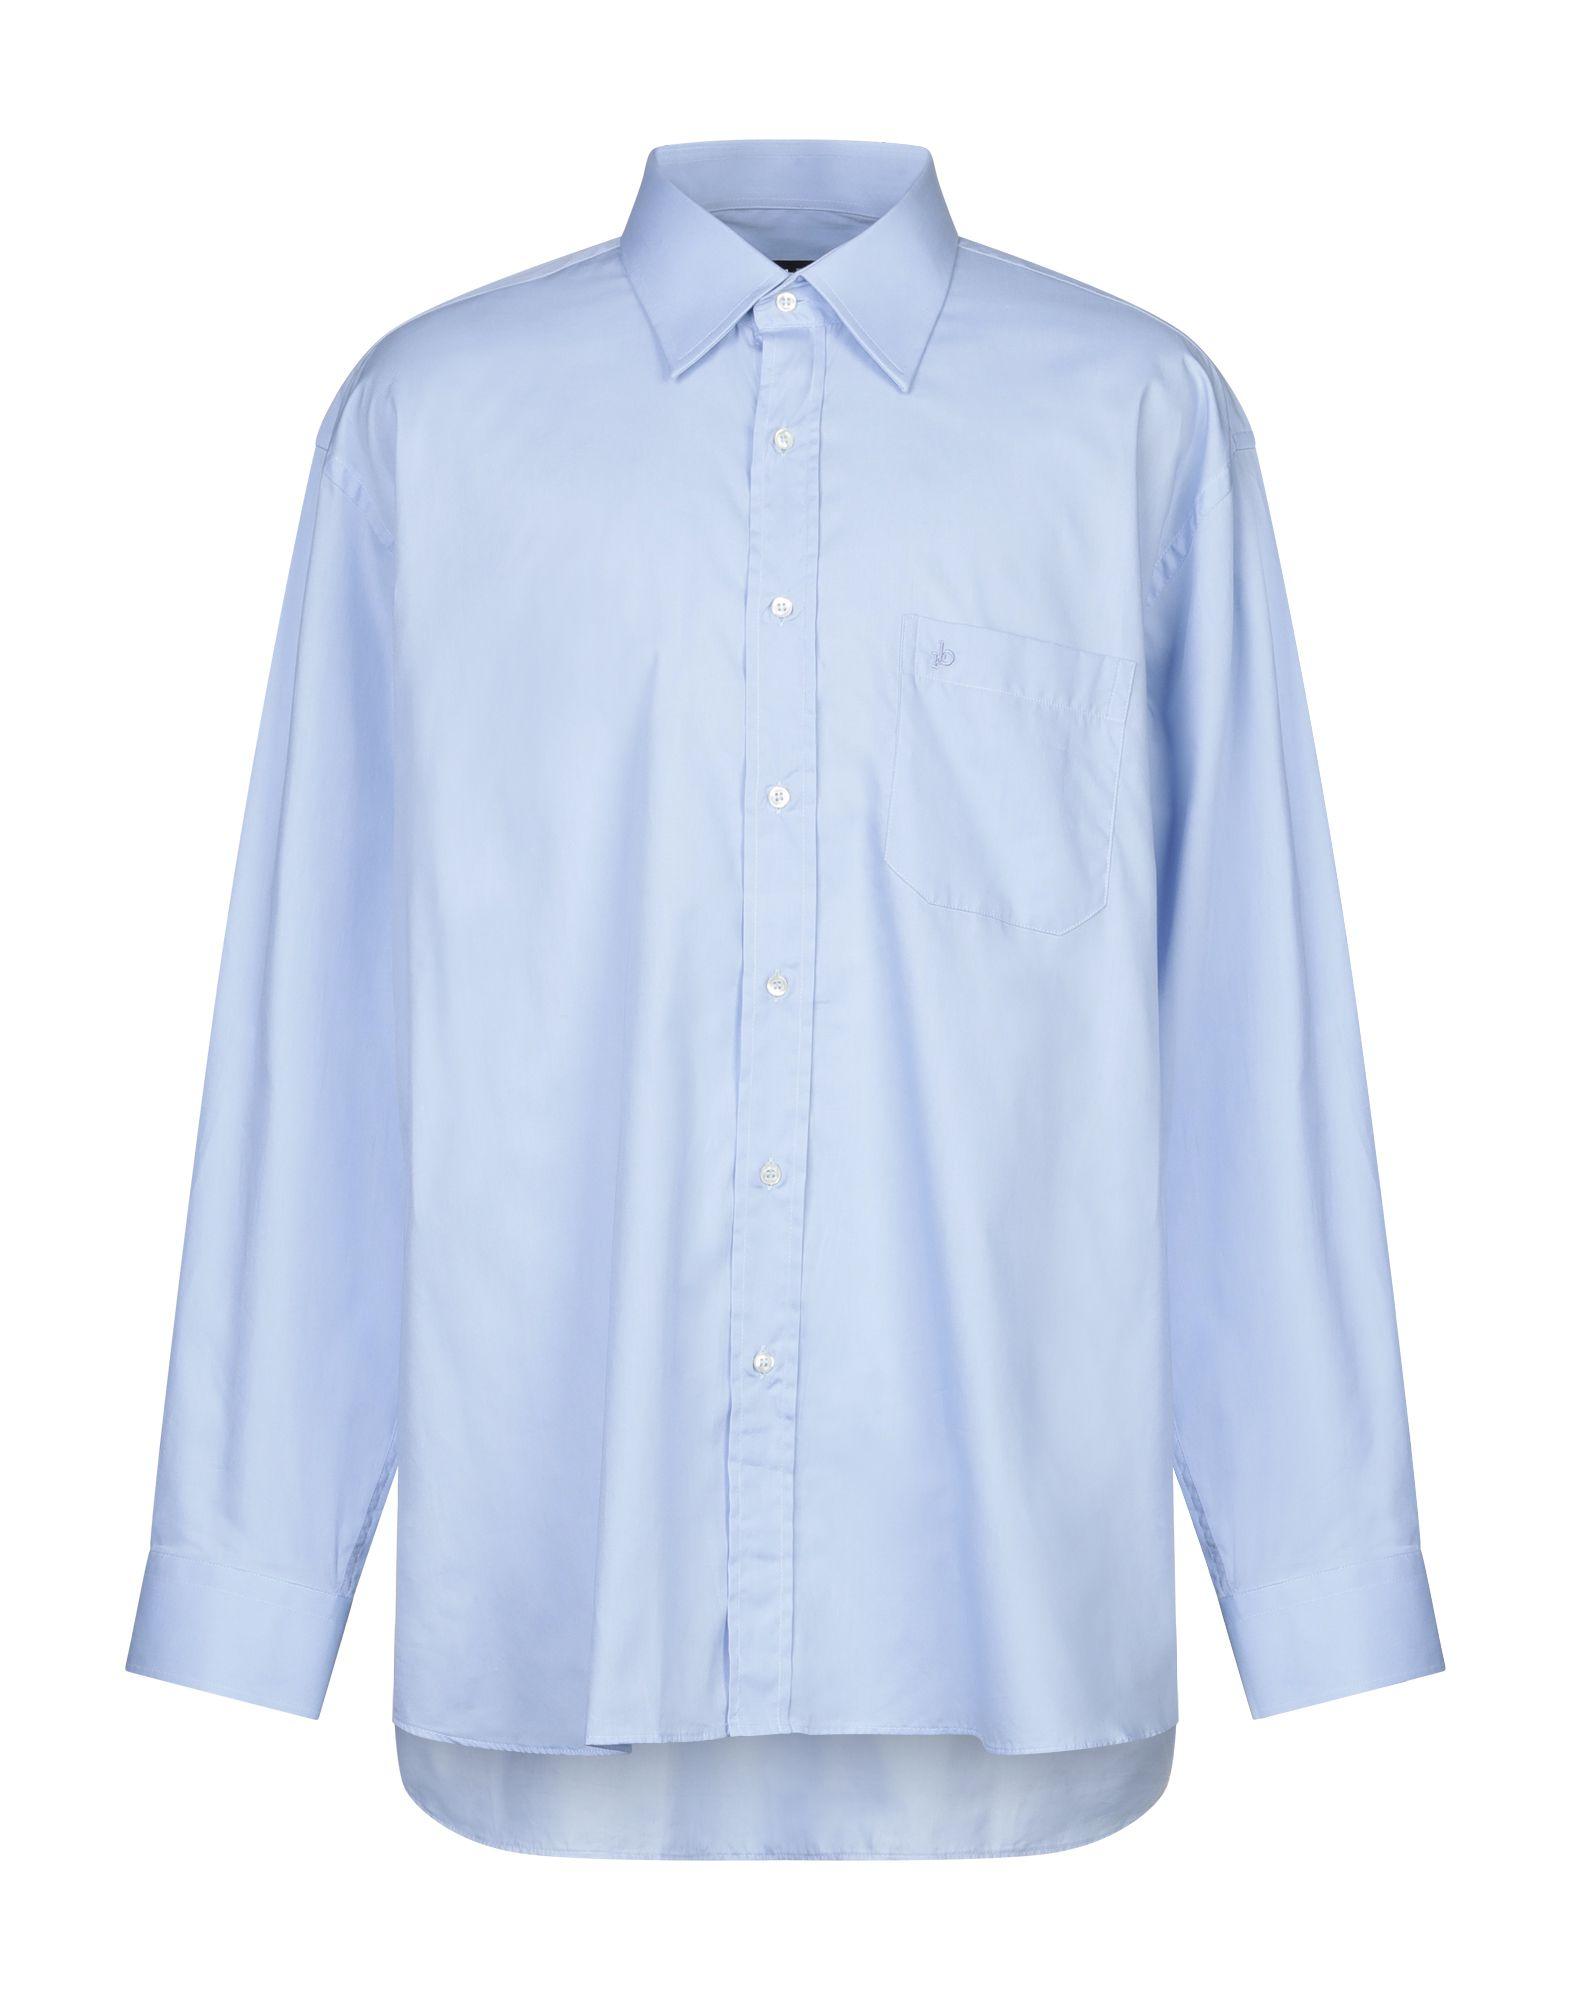 《セール開催中》ROCCOBAROCCO メンズ シャツ スカイブルー 48 コットン 100%